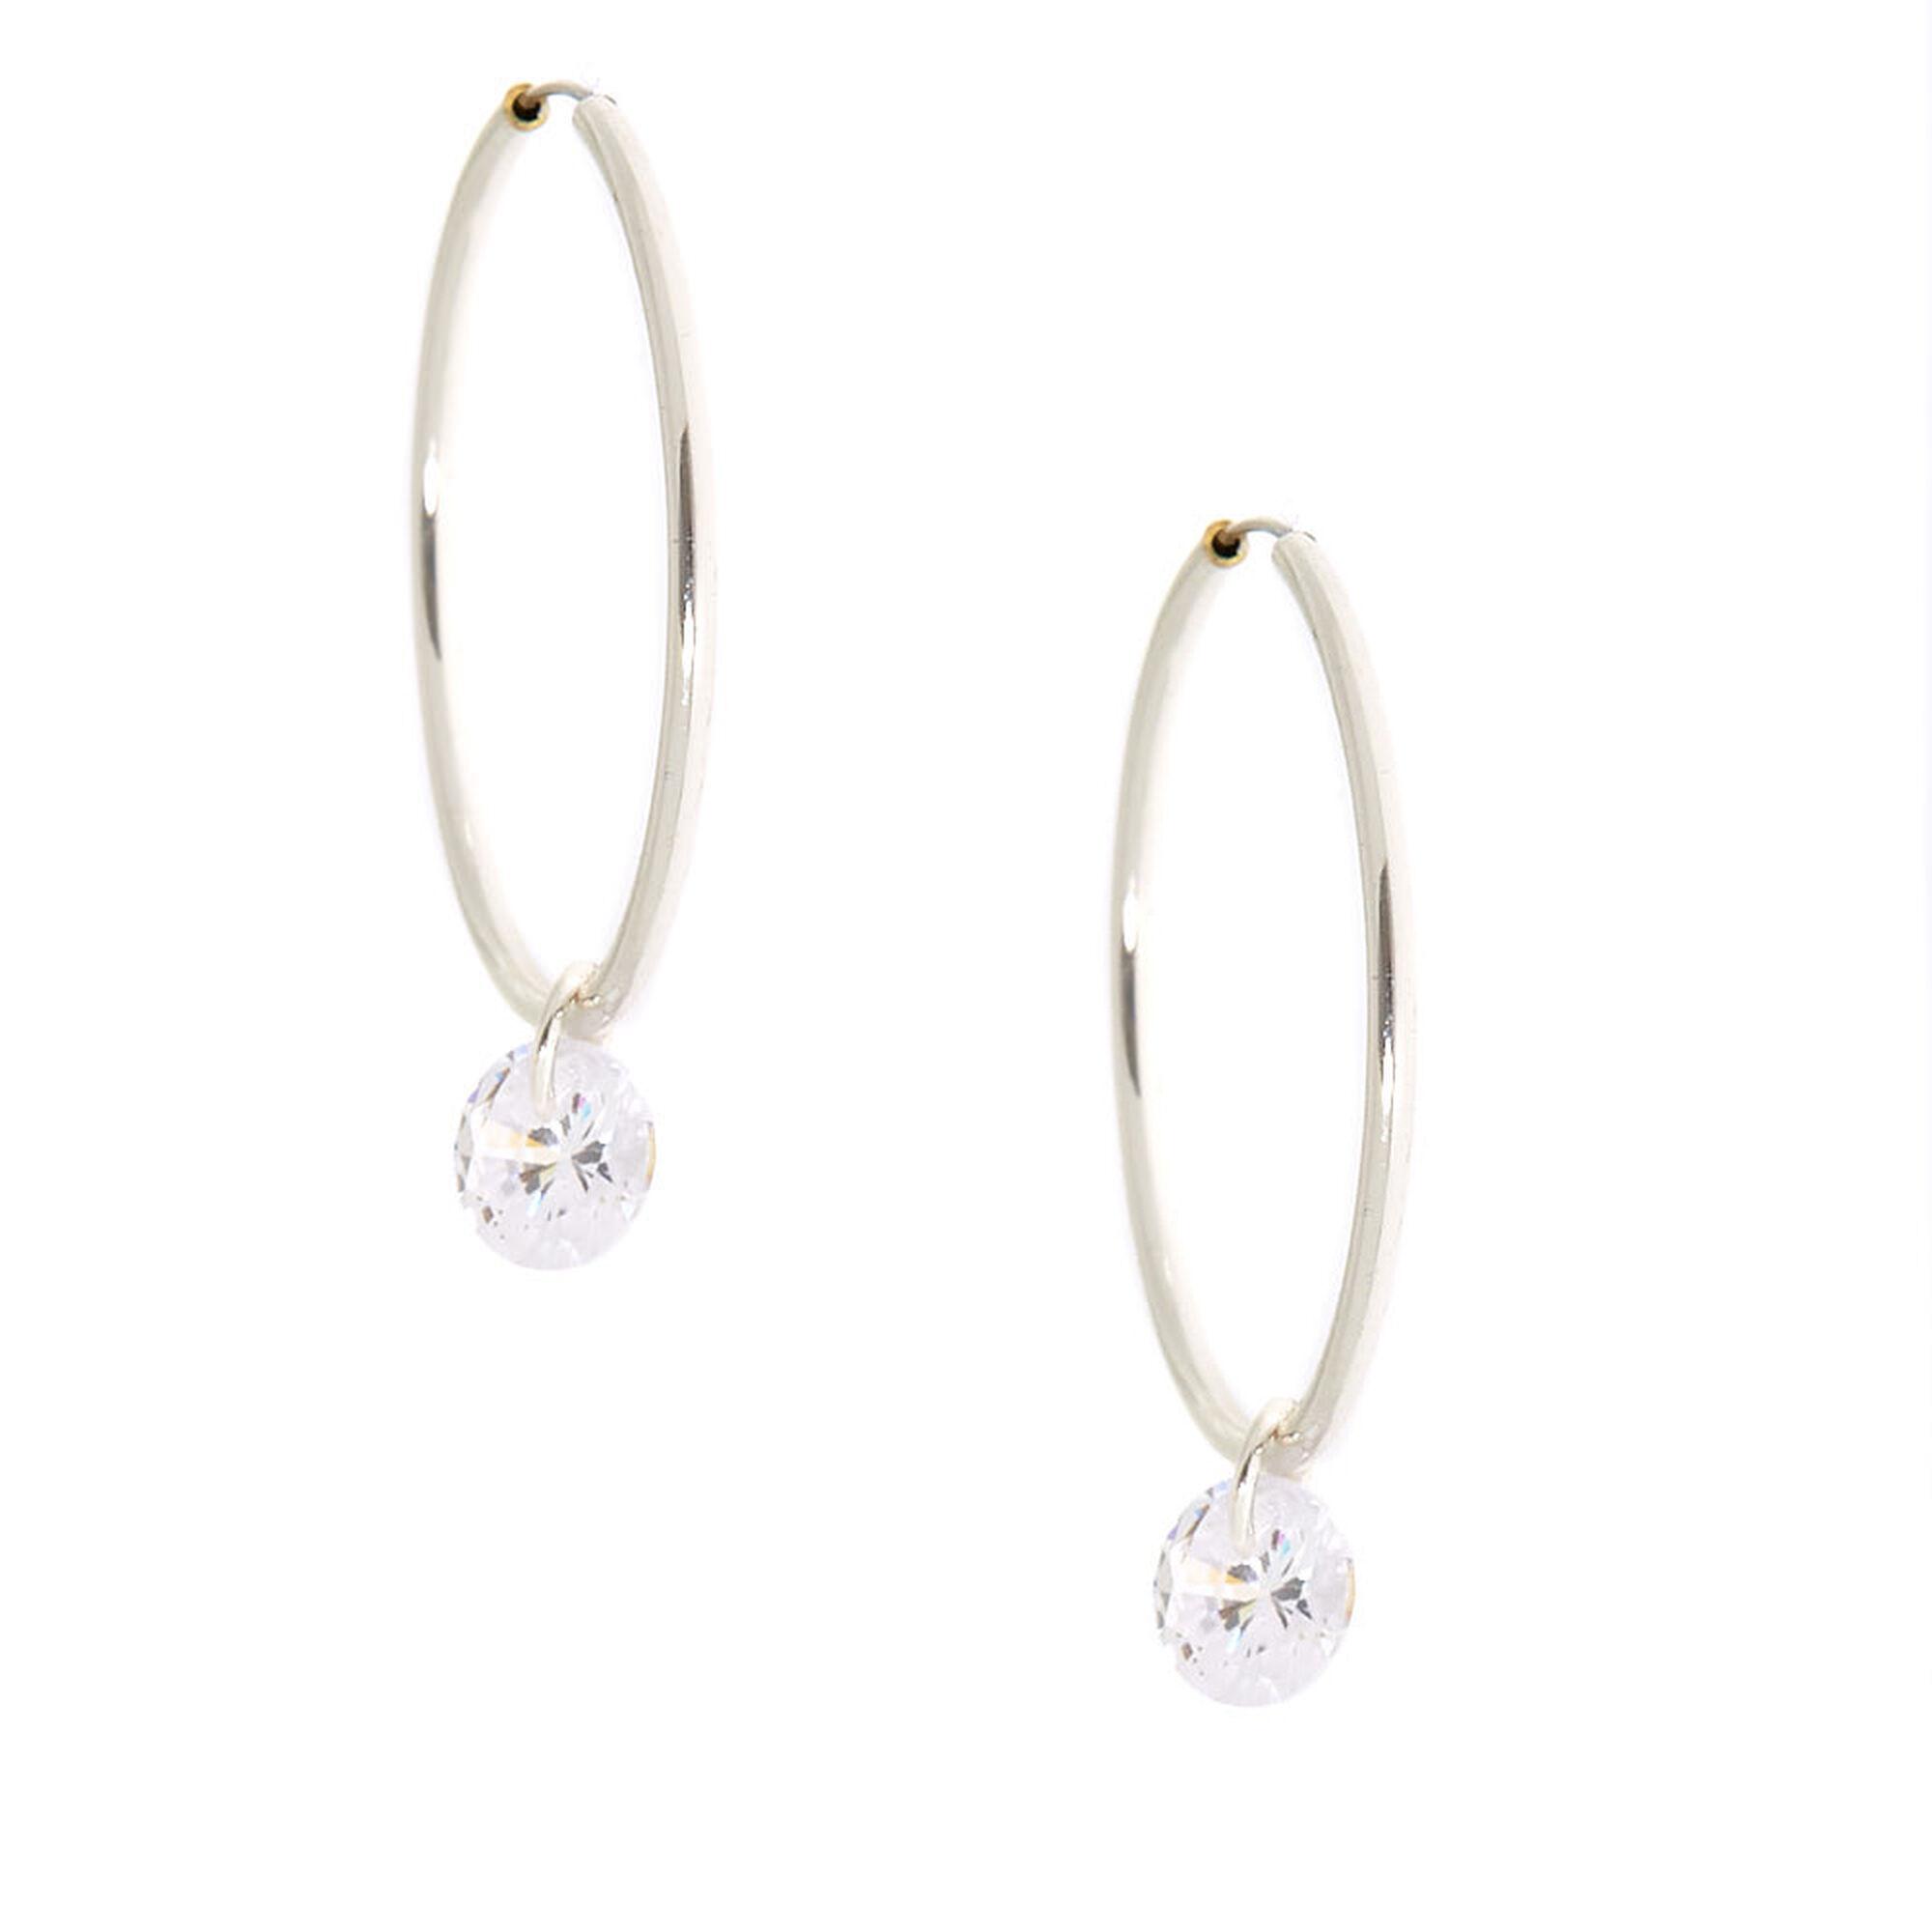 Cubic Zirconia Charm 25MM Hoop Earrings